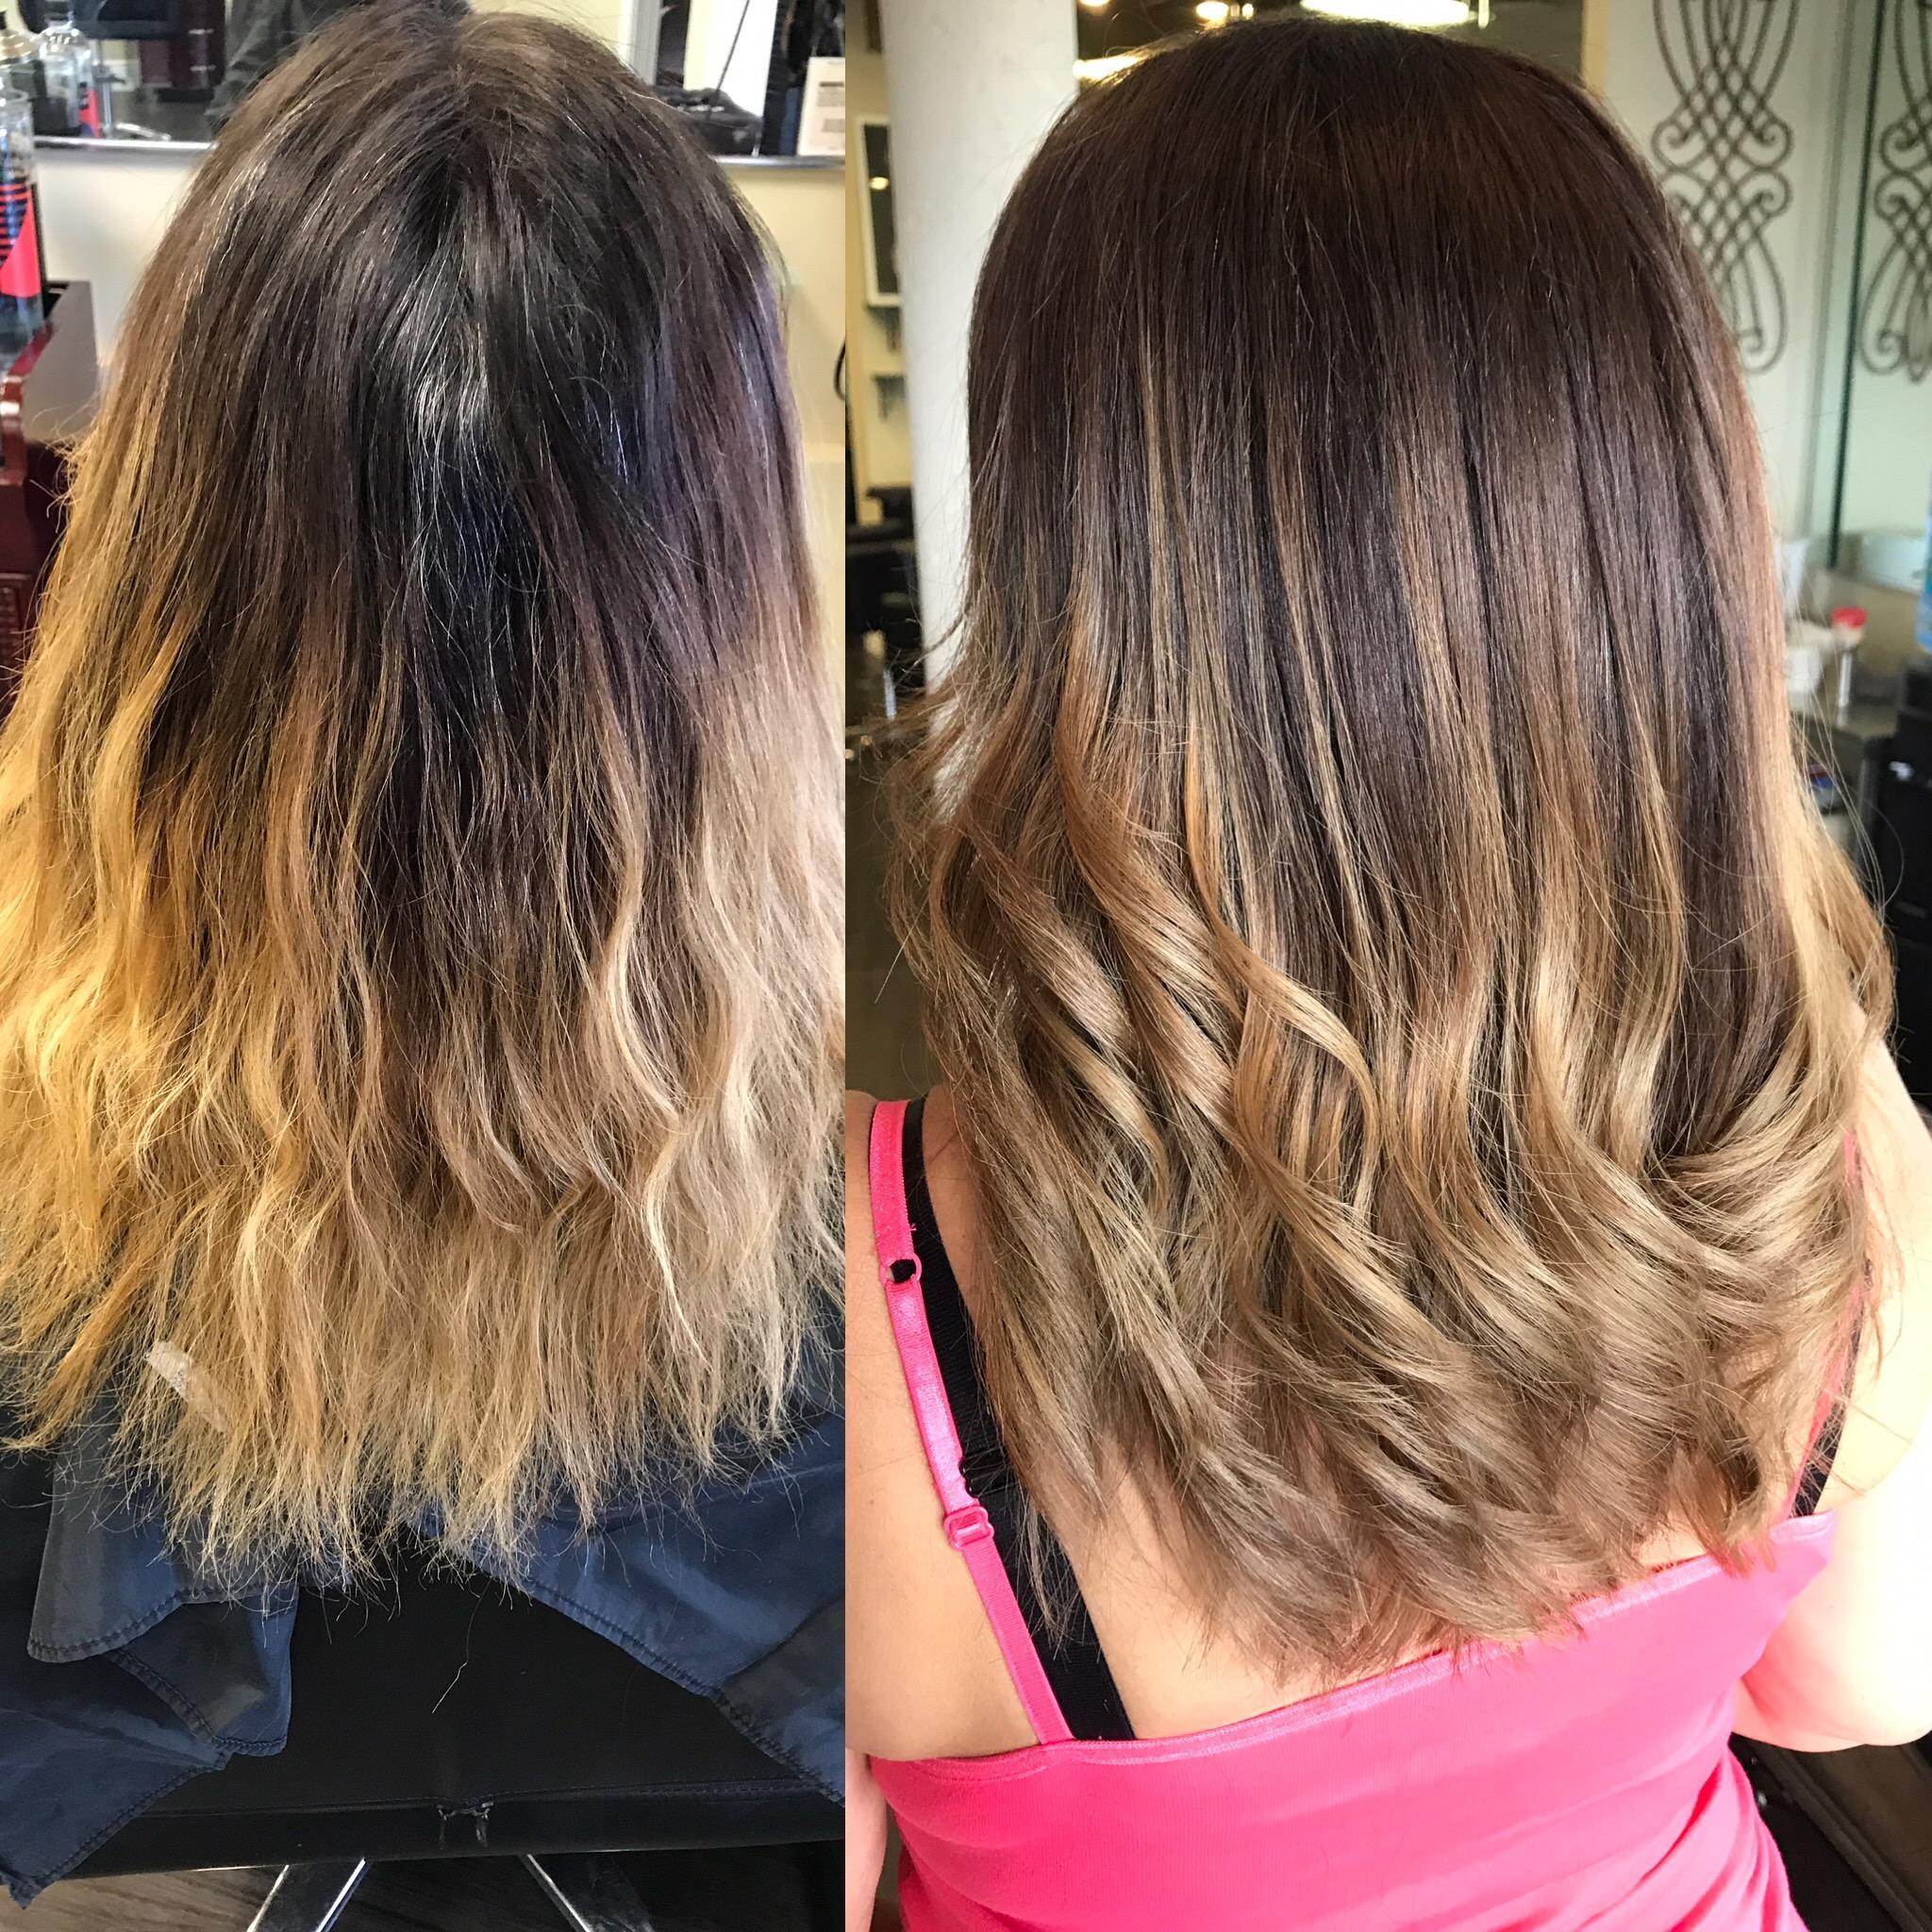 Toni Co Hair Salon And Spa